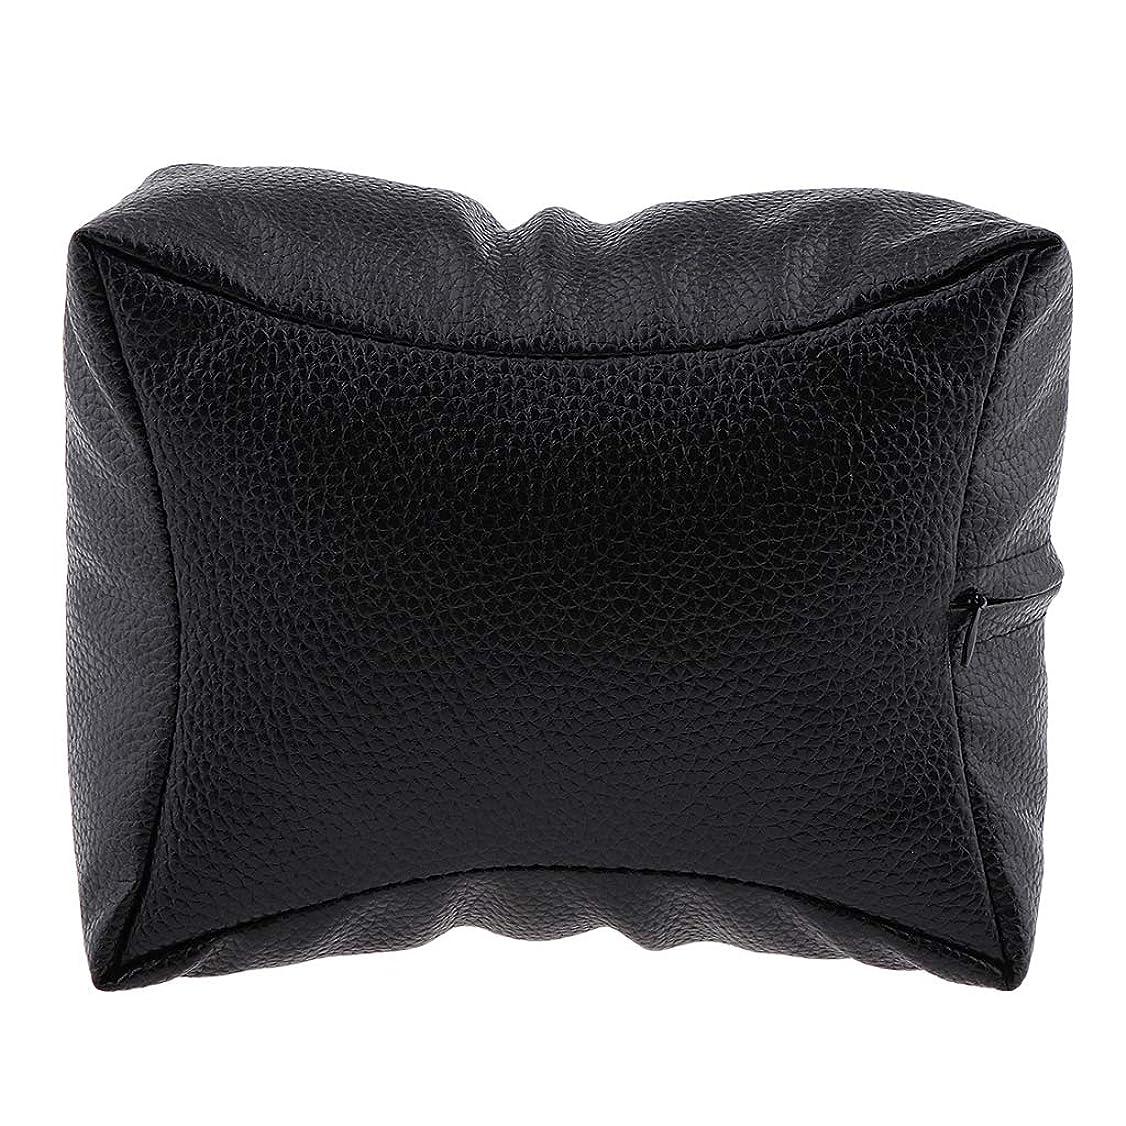 命令パッチ以下DYNWAVE 手枕 ハンドピロー ハンドクッション ネイルアート 個人 家庭 ネイルサロン 4色選べ - ブラック